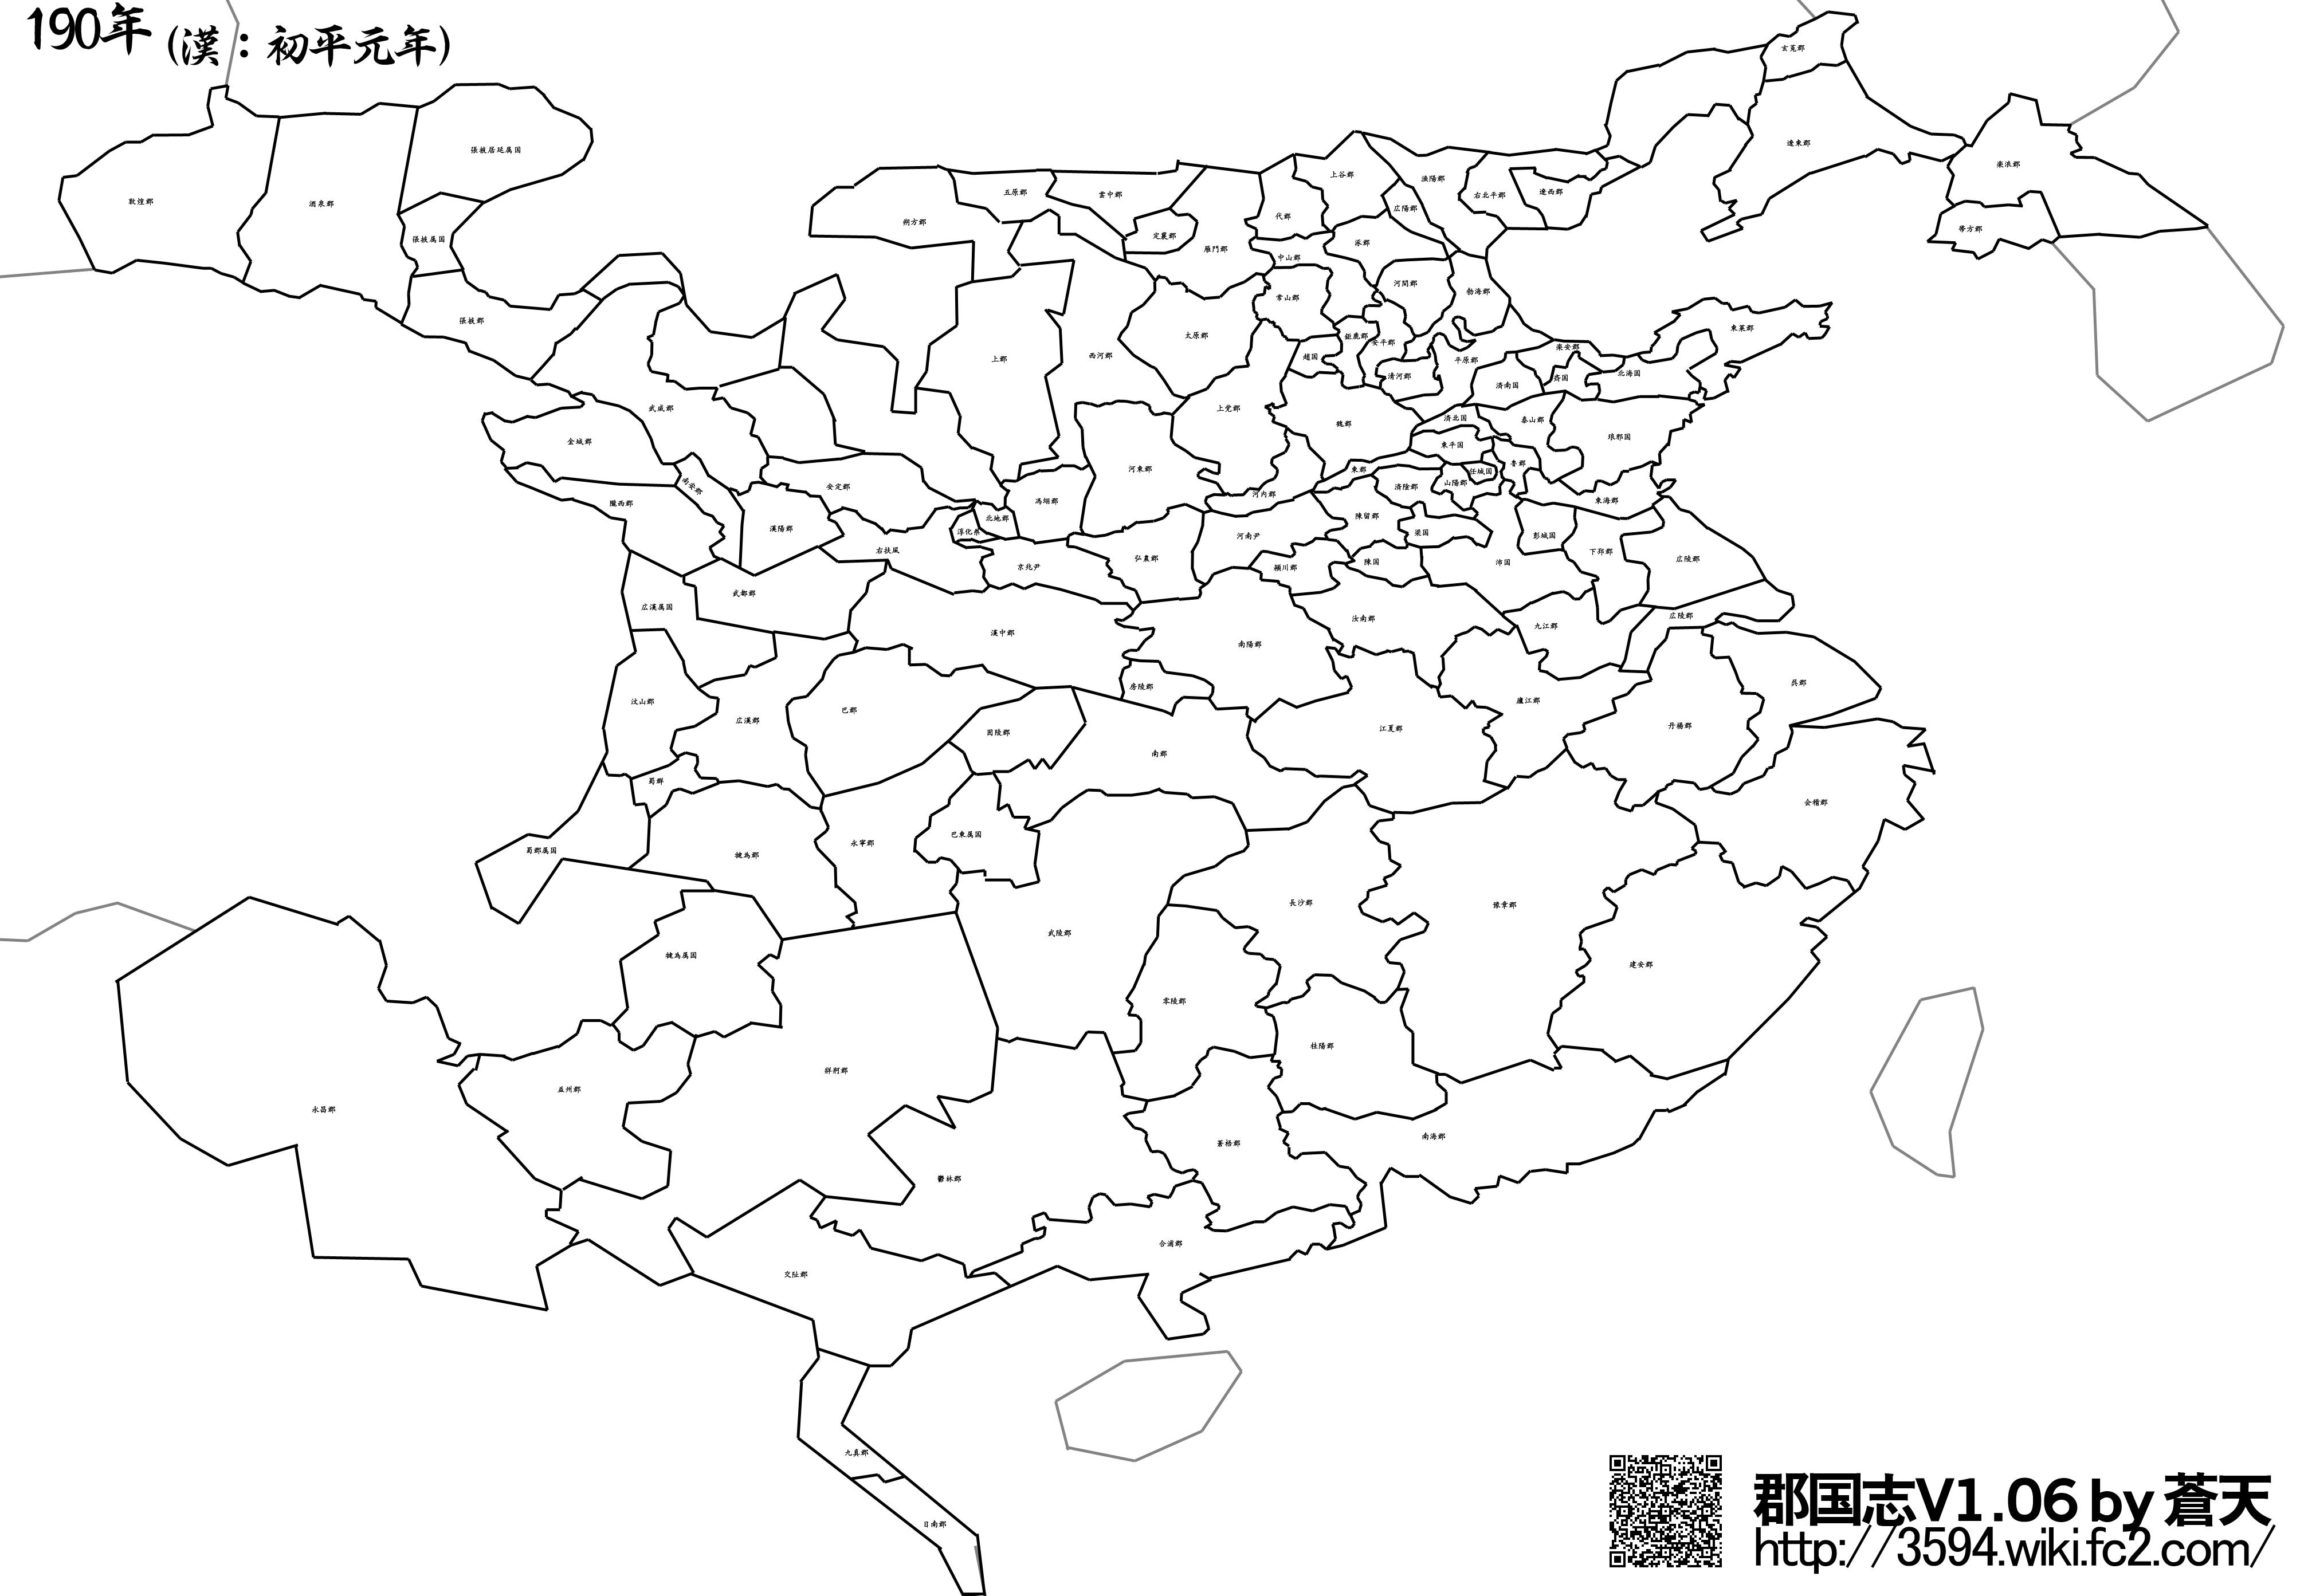 郡国志v106_190年